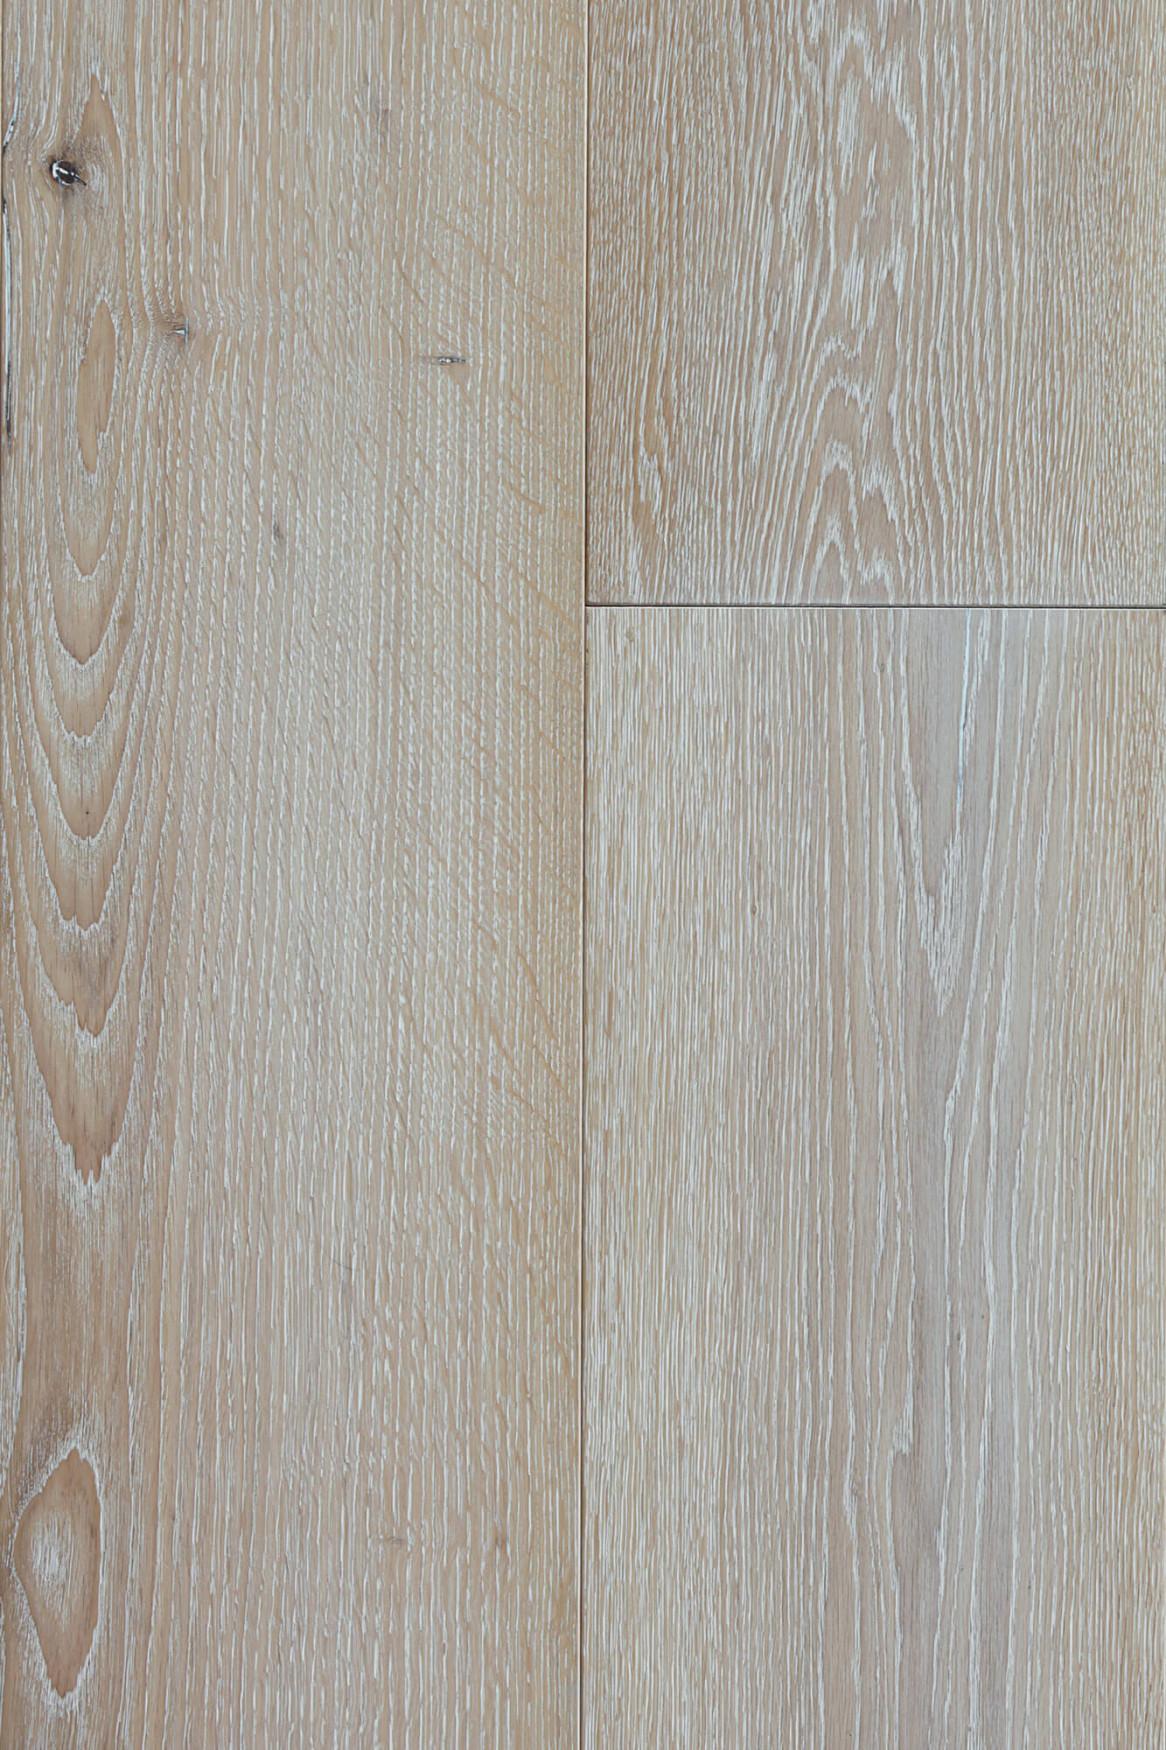 Element7-Wide-Plank-CornichePlank_AJ_883_212